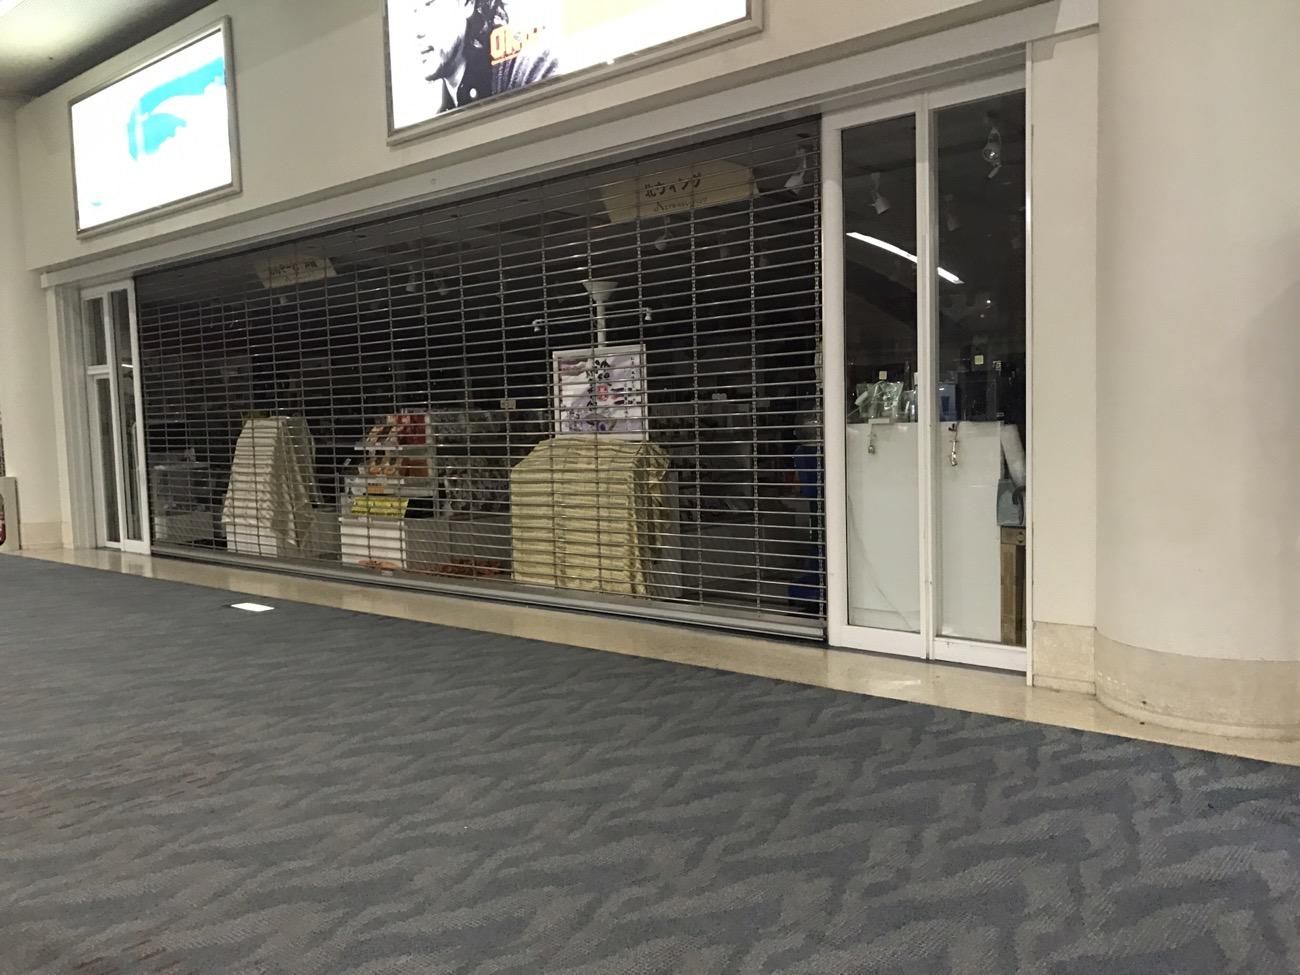 売店とラウンジ ギャラクシーフライトの時間の那覇空港での過ごし方